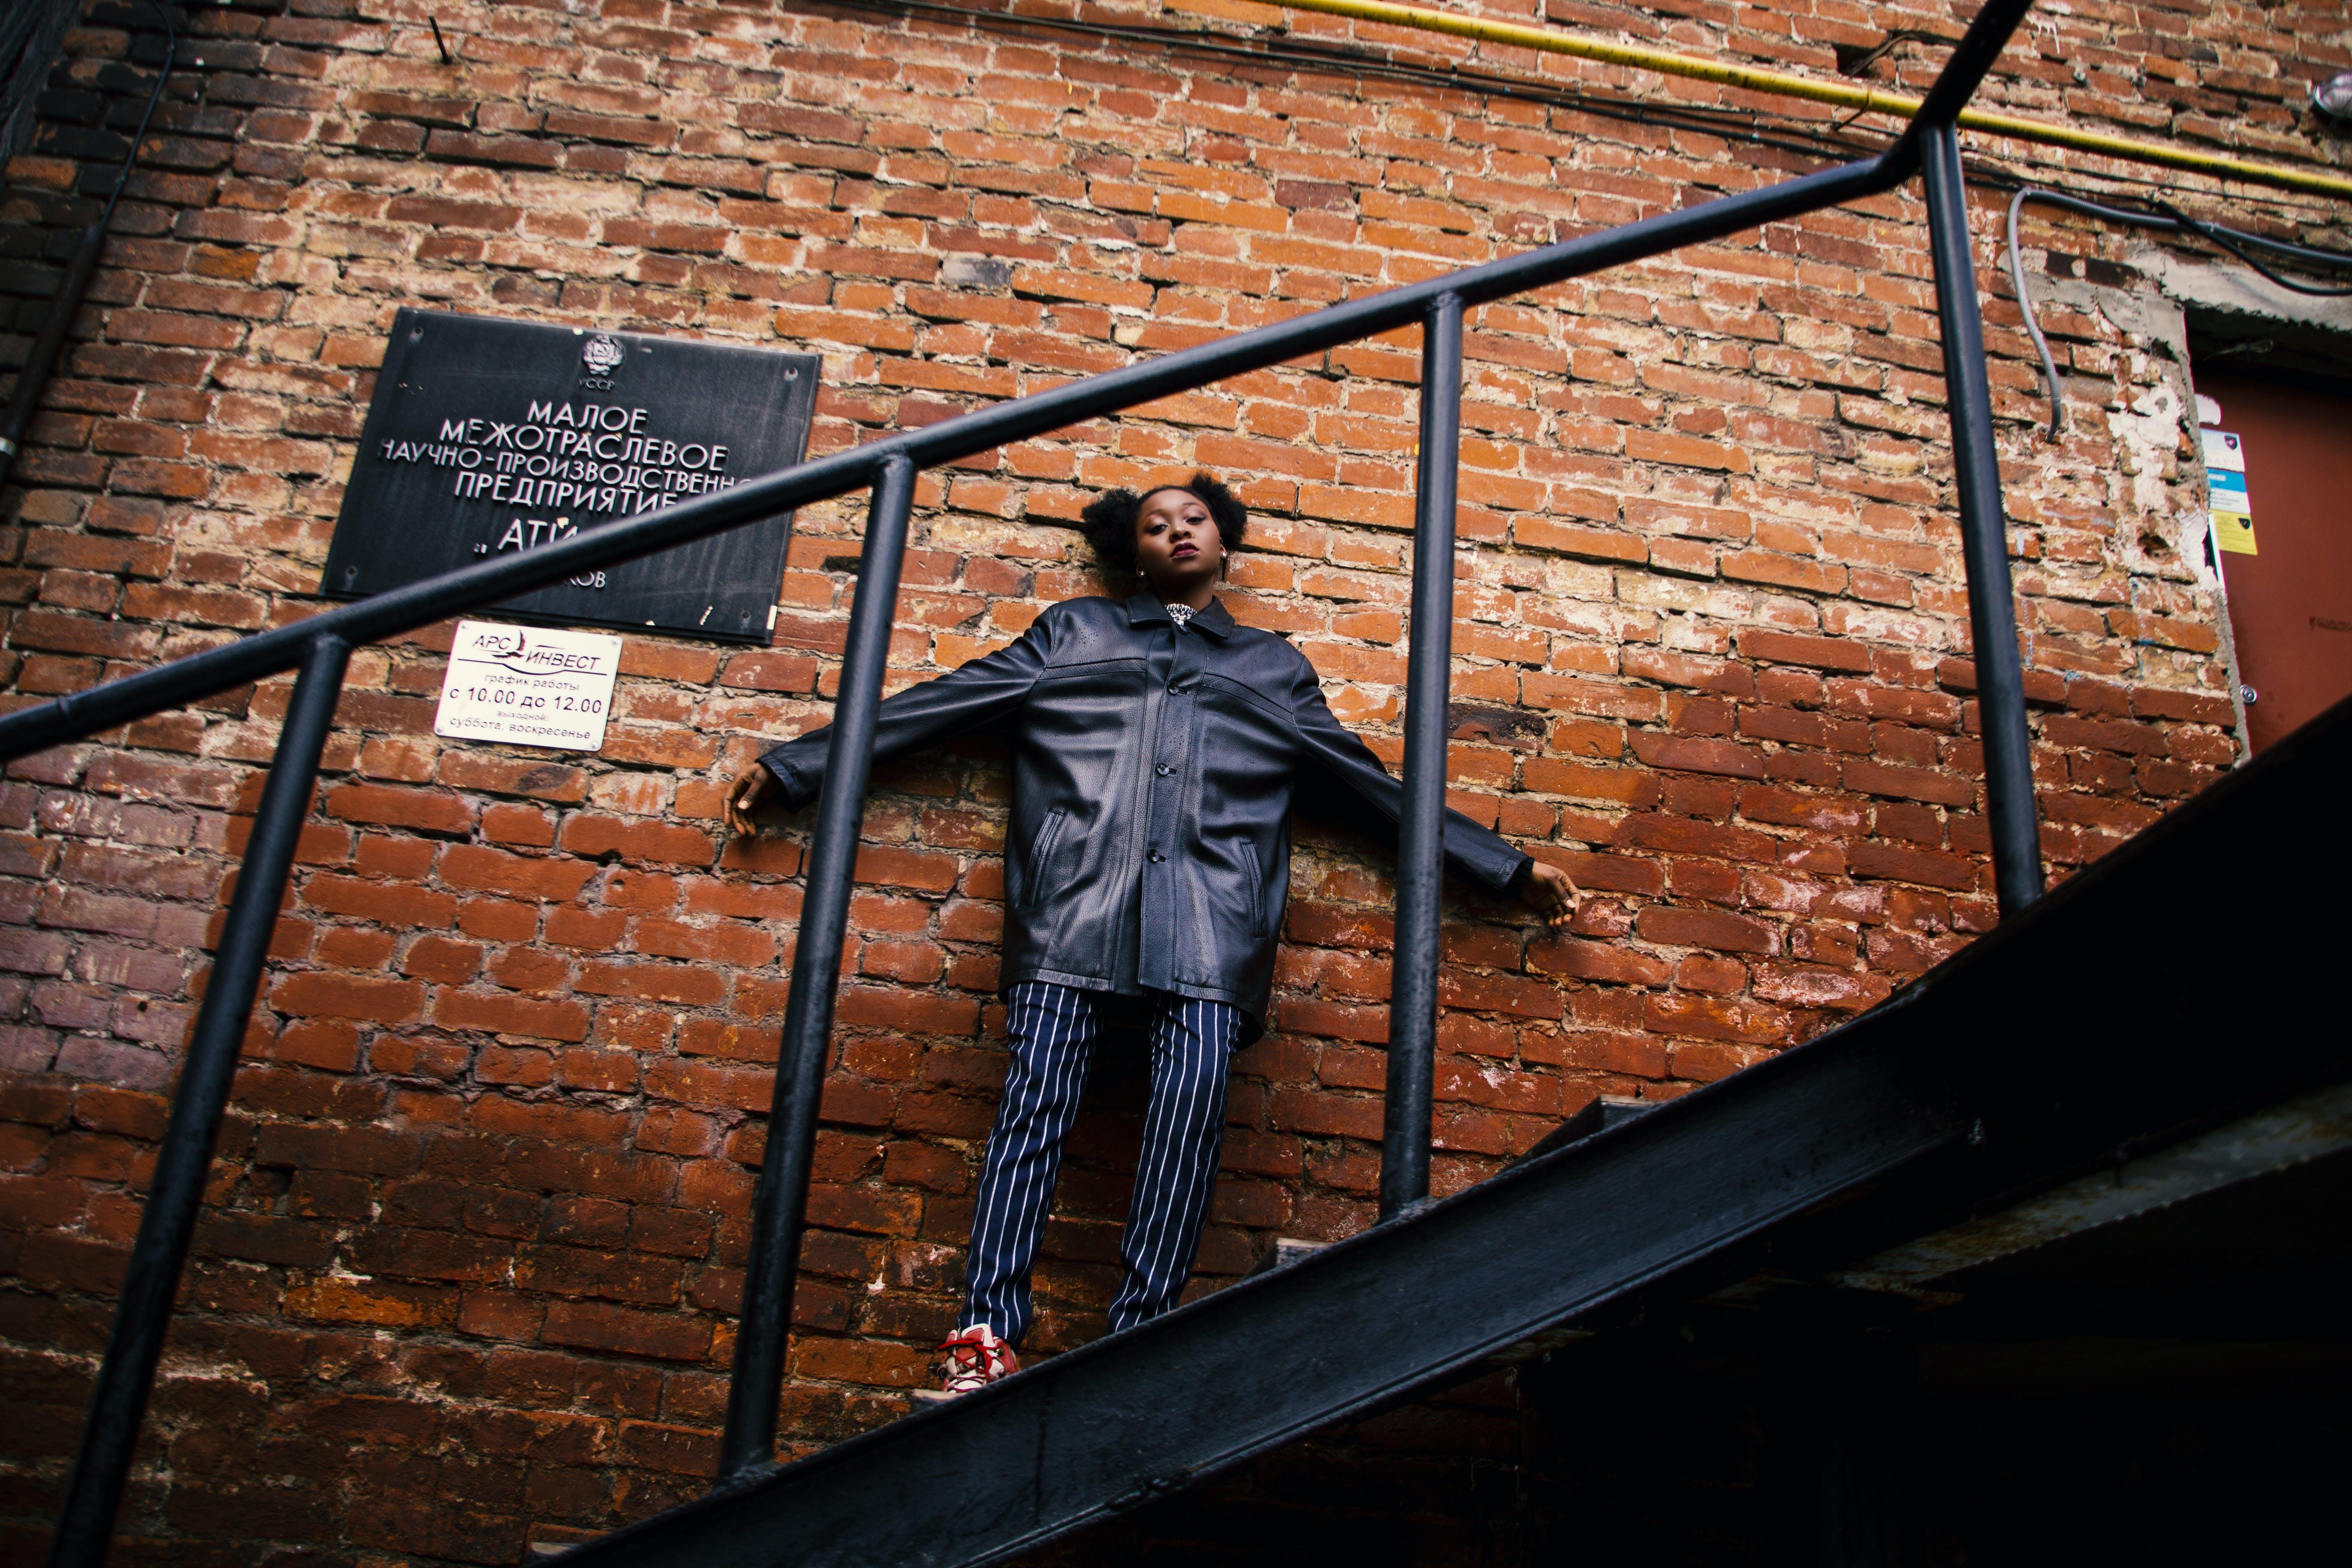 れんが壁, アフリカ系アメリカ人女性, ファッション, レディの無料の写真素材